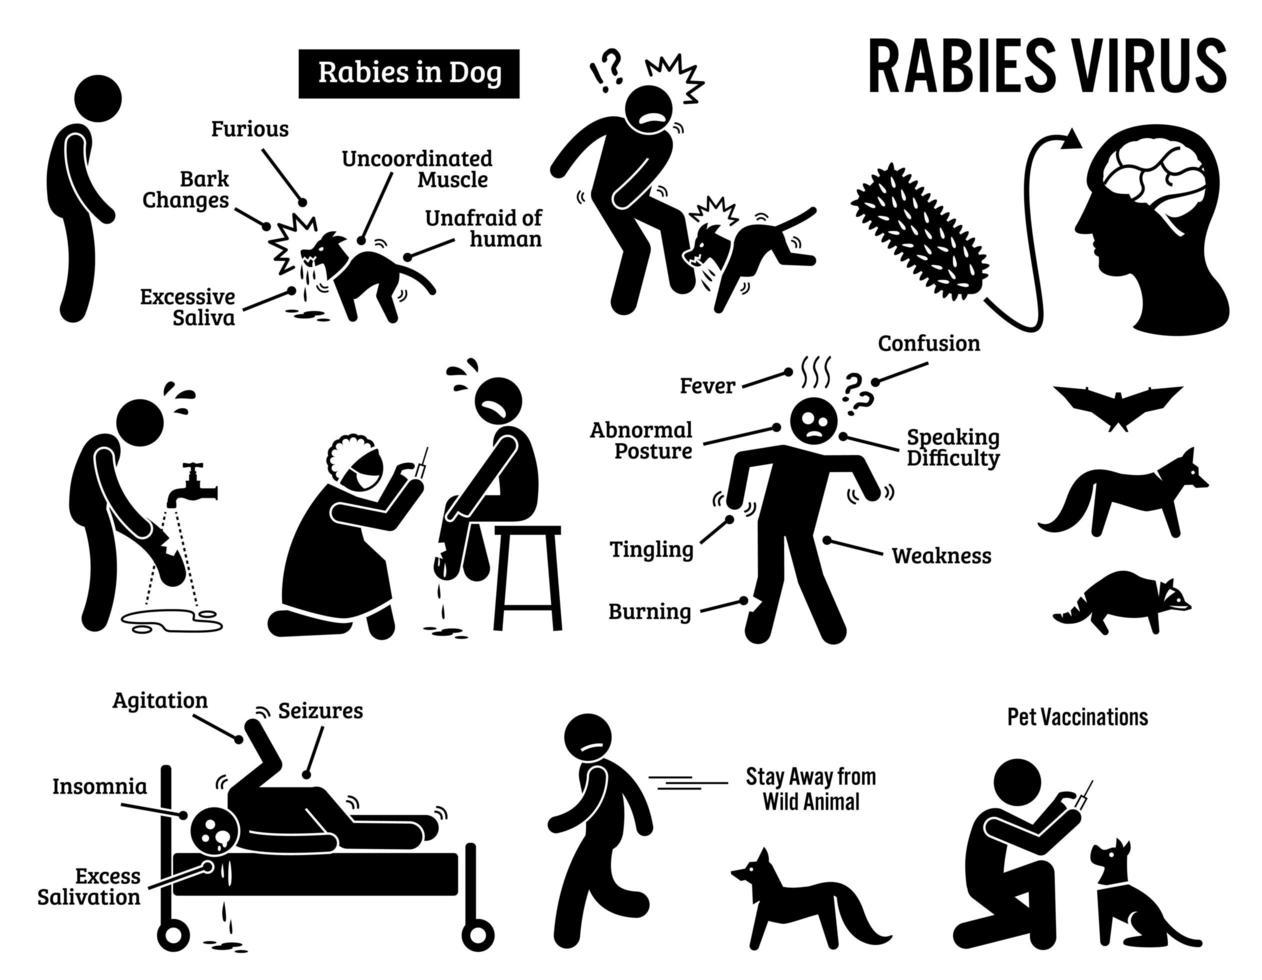 vírus da raiva em ícones de pictograma de figura de palito humano e animal. vetor